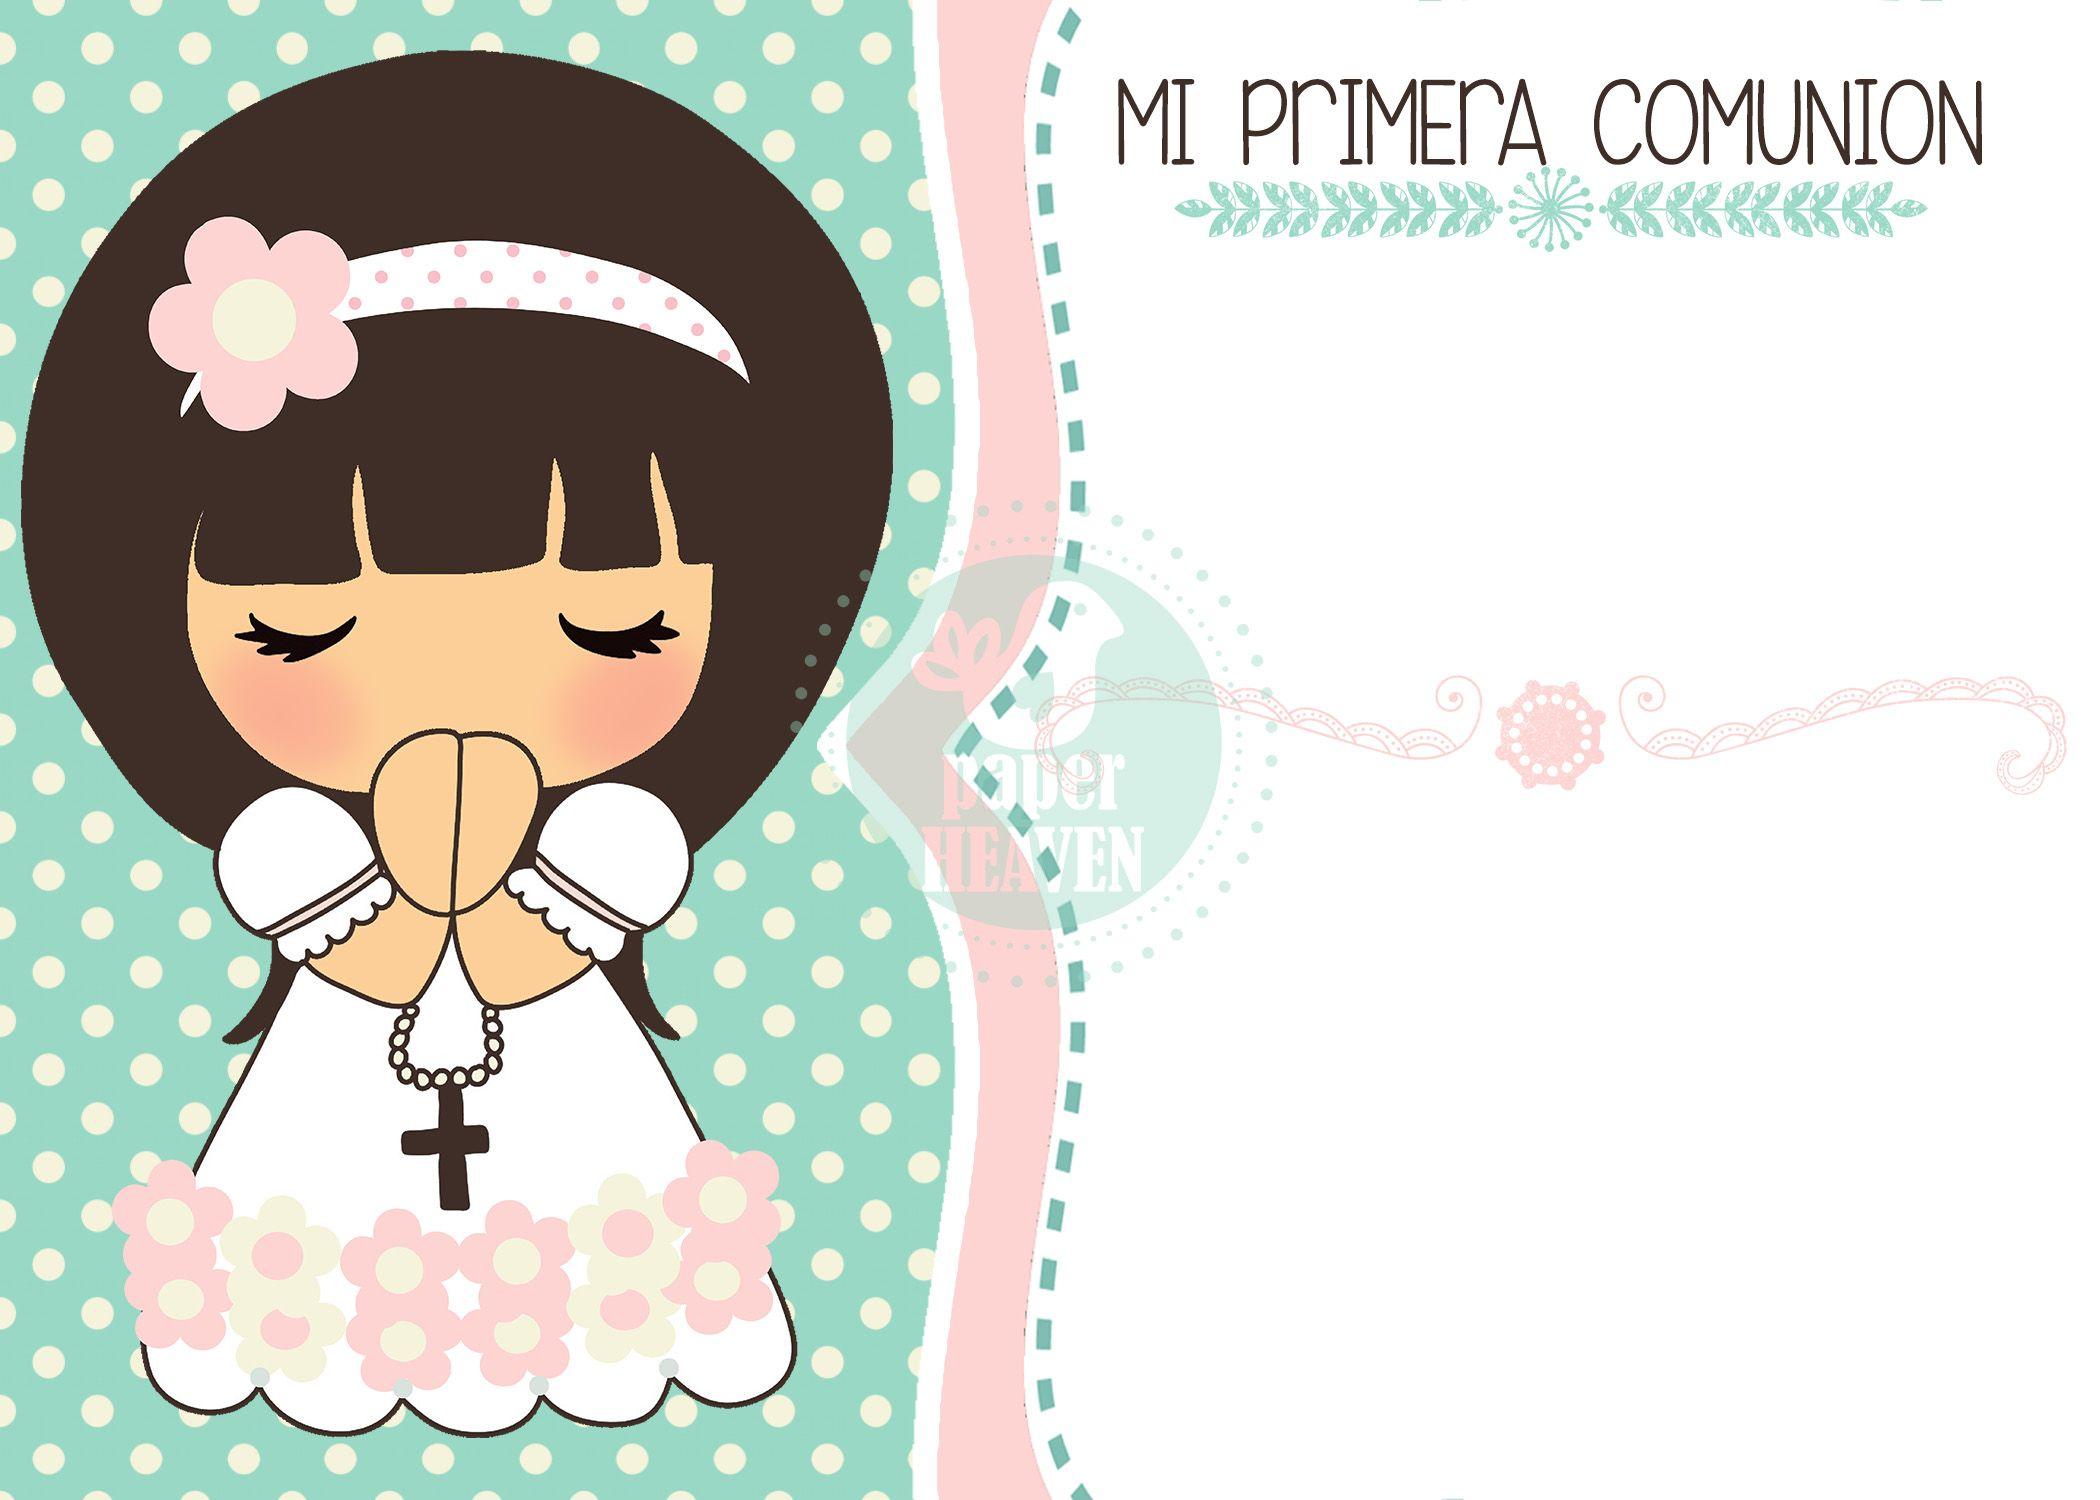 oraciones para primera comunion catolica para compartir con la